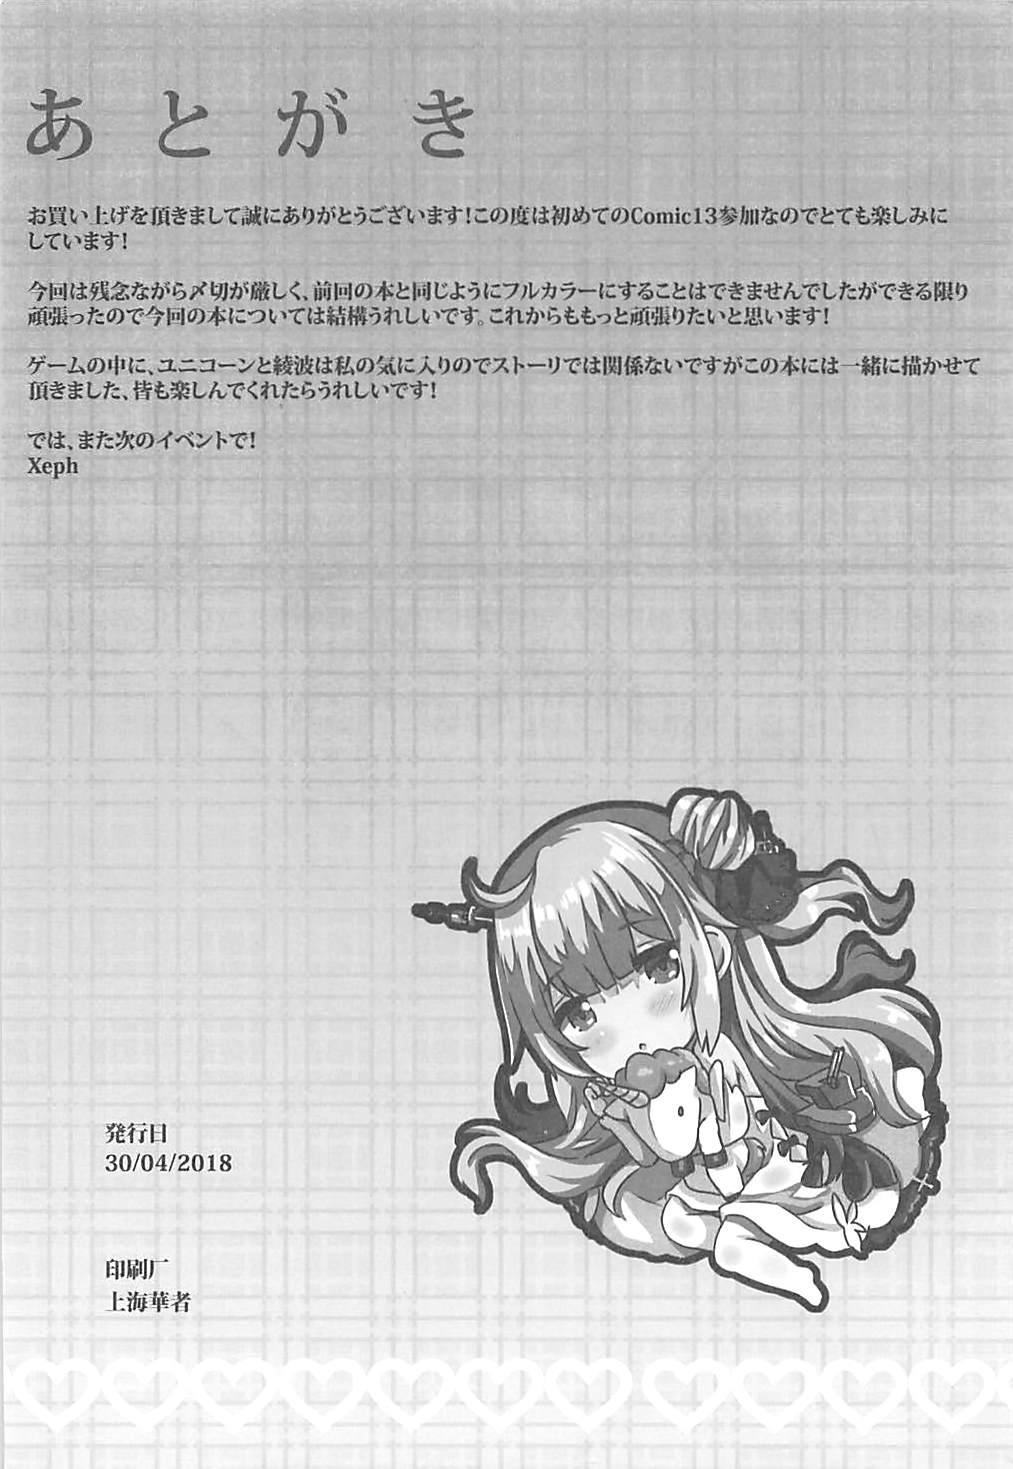 VANILLA MIX 03 Unicorn wa Iiko no kana? 2 22